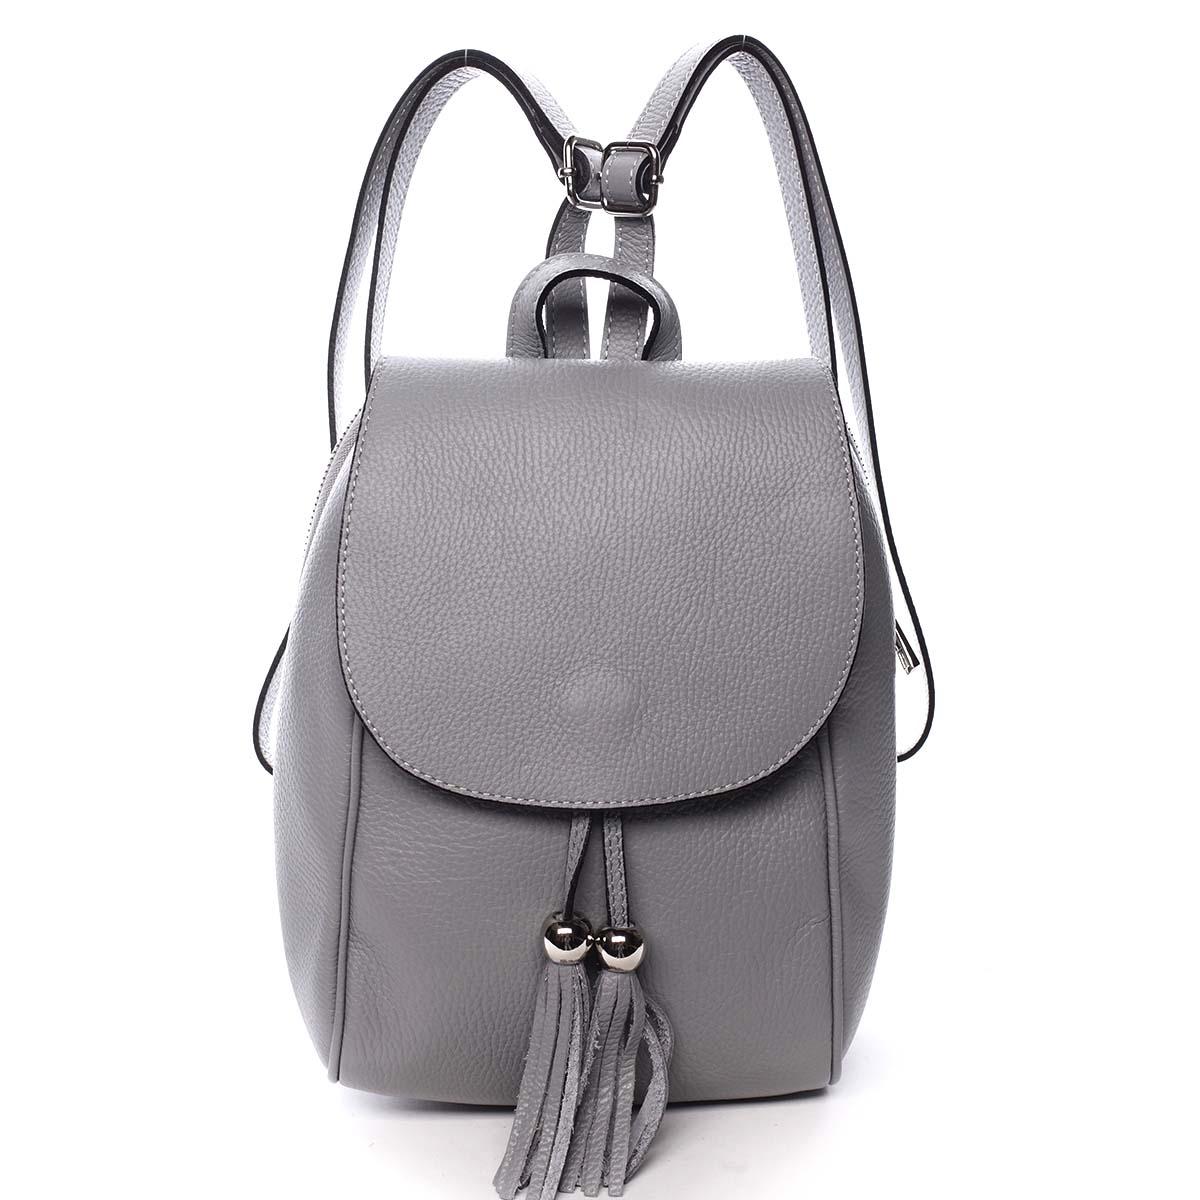 Dámsky kožený batôžtek sivý - ItalY Joseph